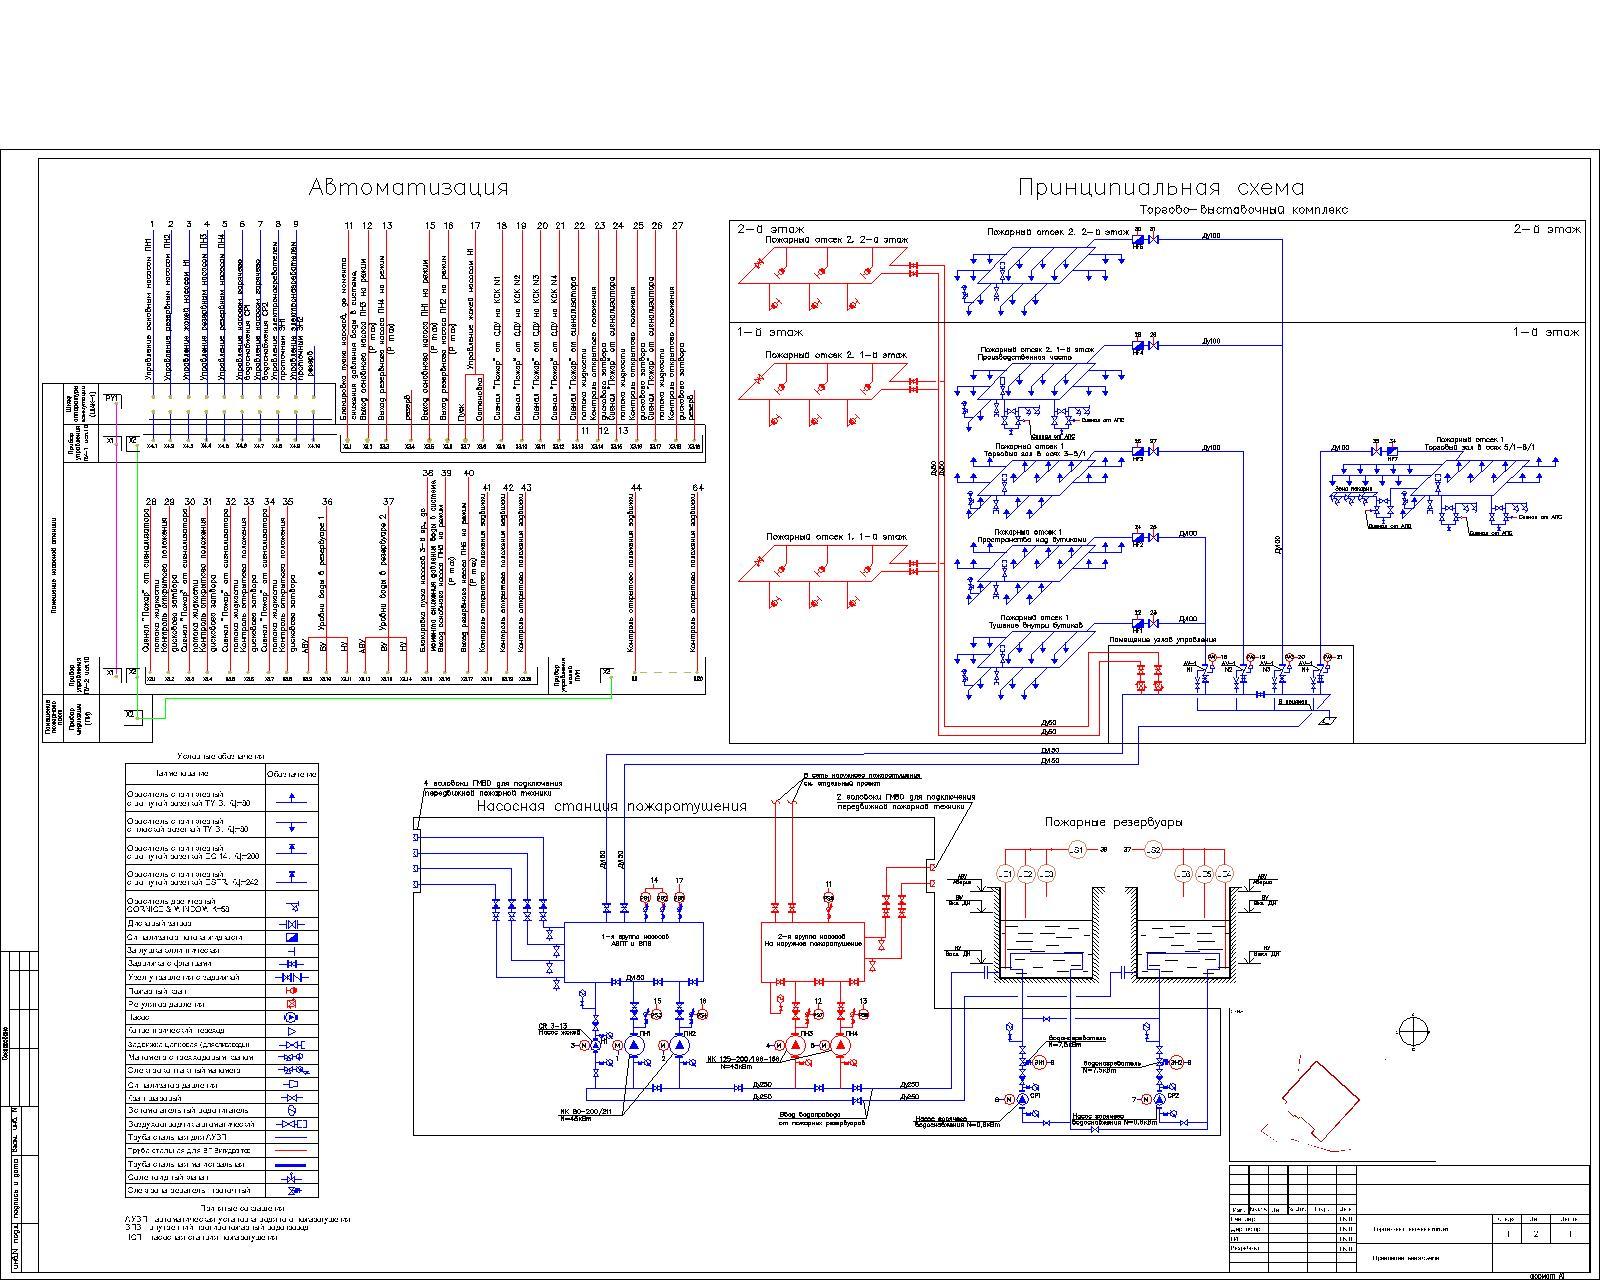 Схема водяного пожаротушения на судах